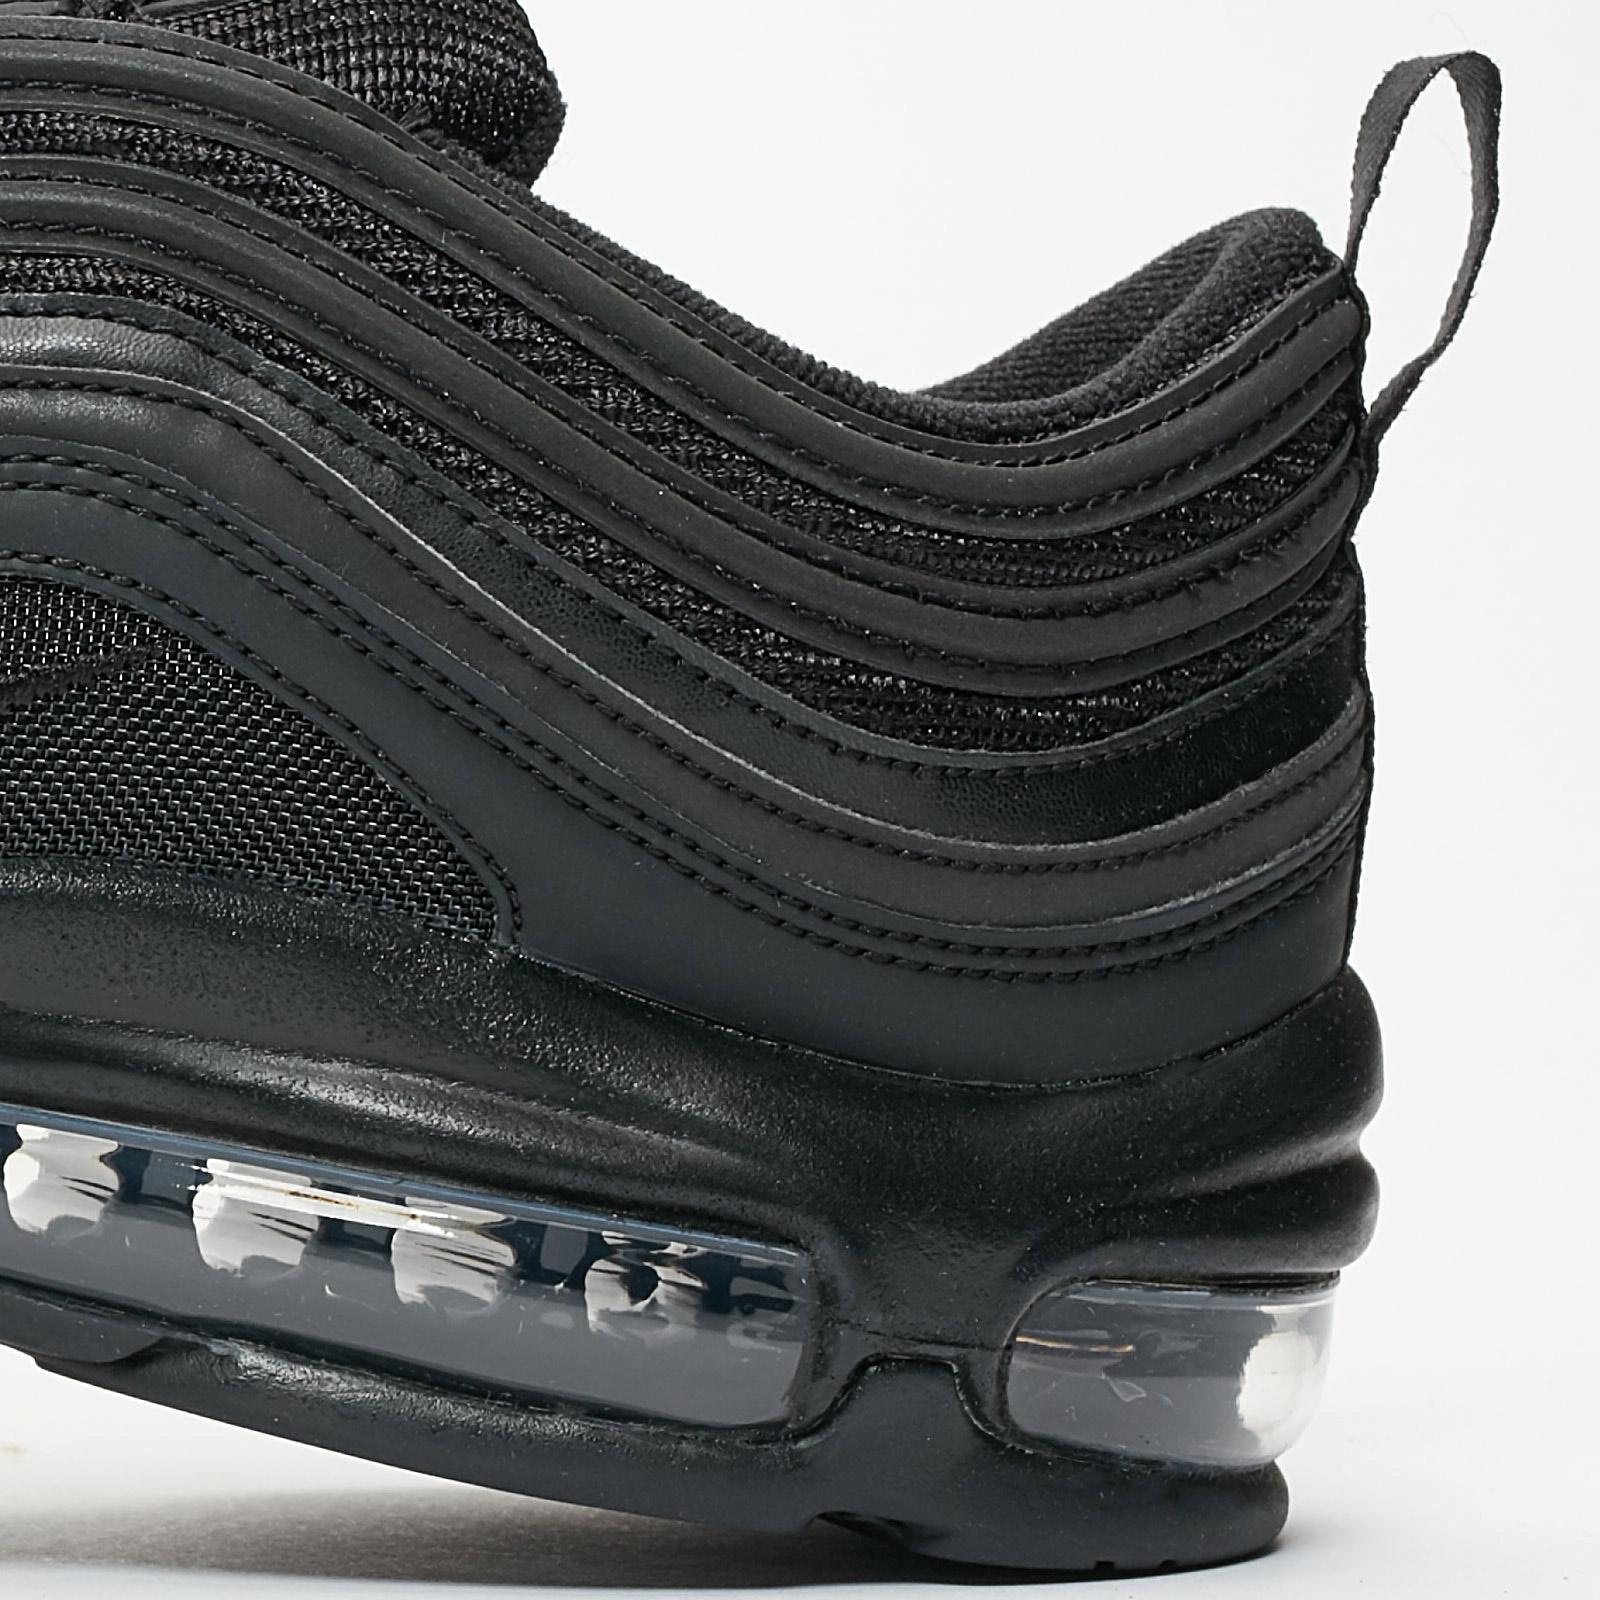 Nike Air Max 97 Premium Bq4567 001 Sneakersnstuff